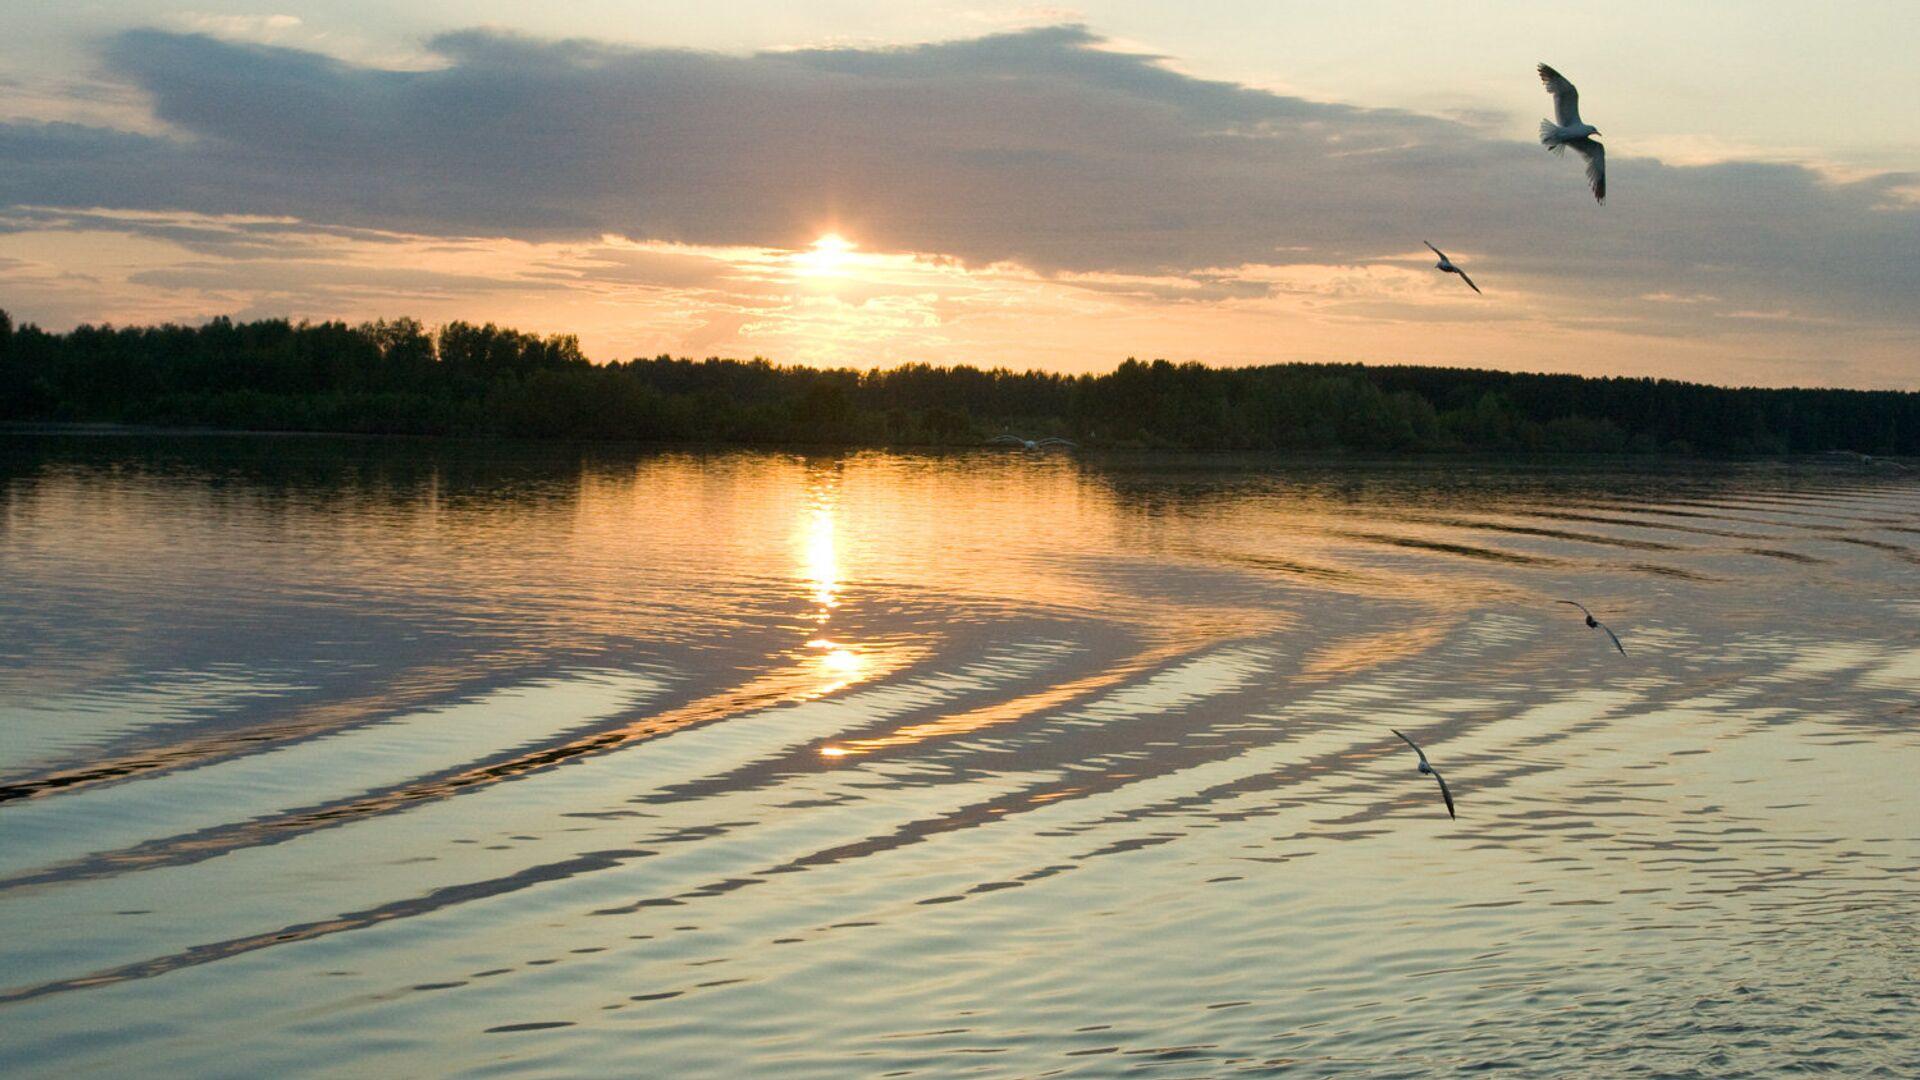 Гидросамолет совершил жесткую посадку в Саратовской области